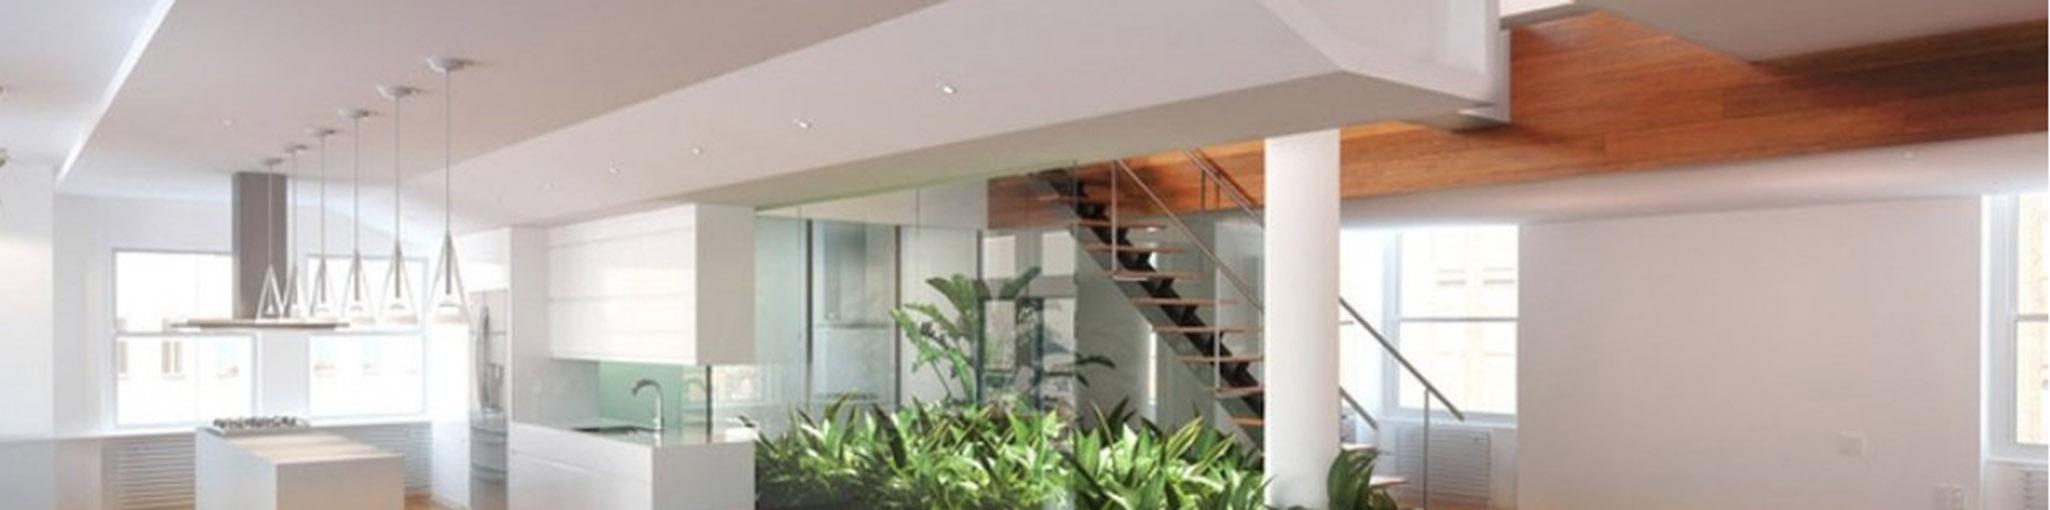 pf trockenbau ihr trockenbauexpert f r augsburg und m nchen. Black Bedroom Furniture Sets. Home Design Ideas